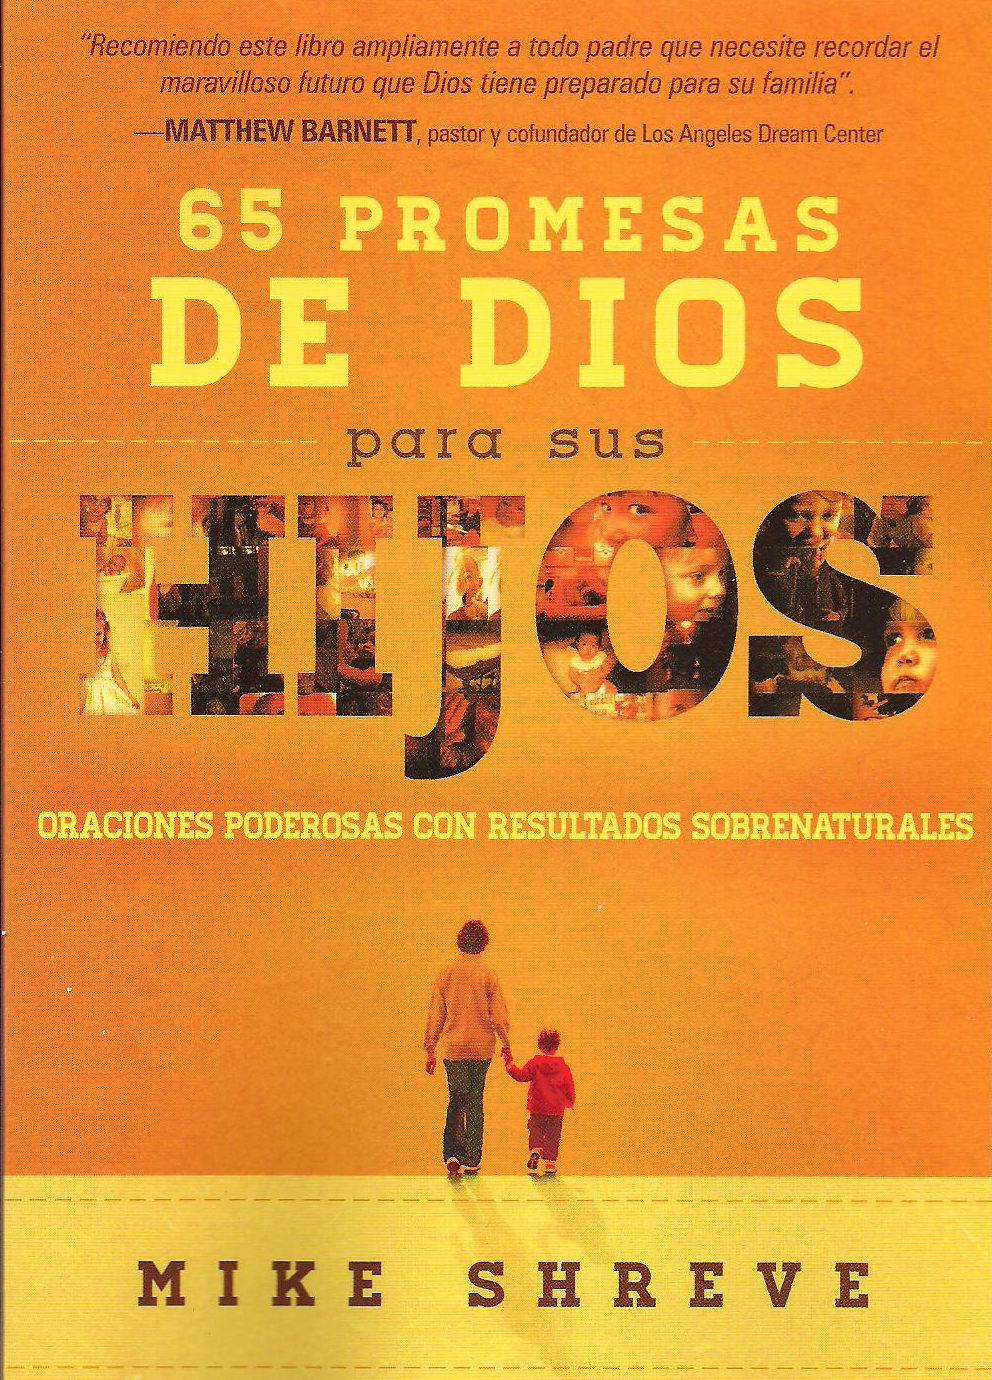 65 Promesas De Dios para sus Hijos $10.99